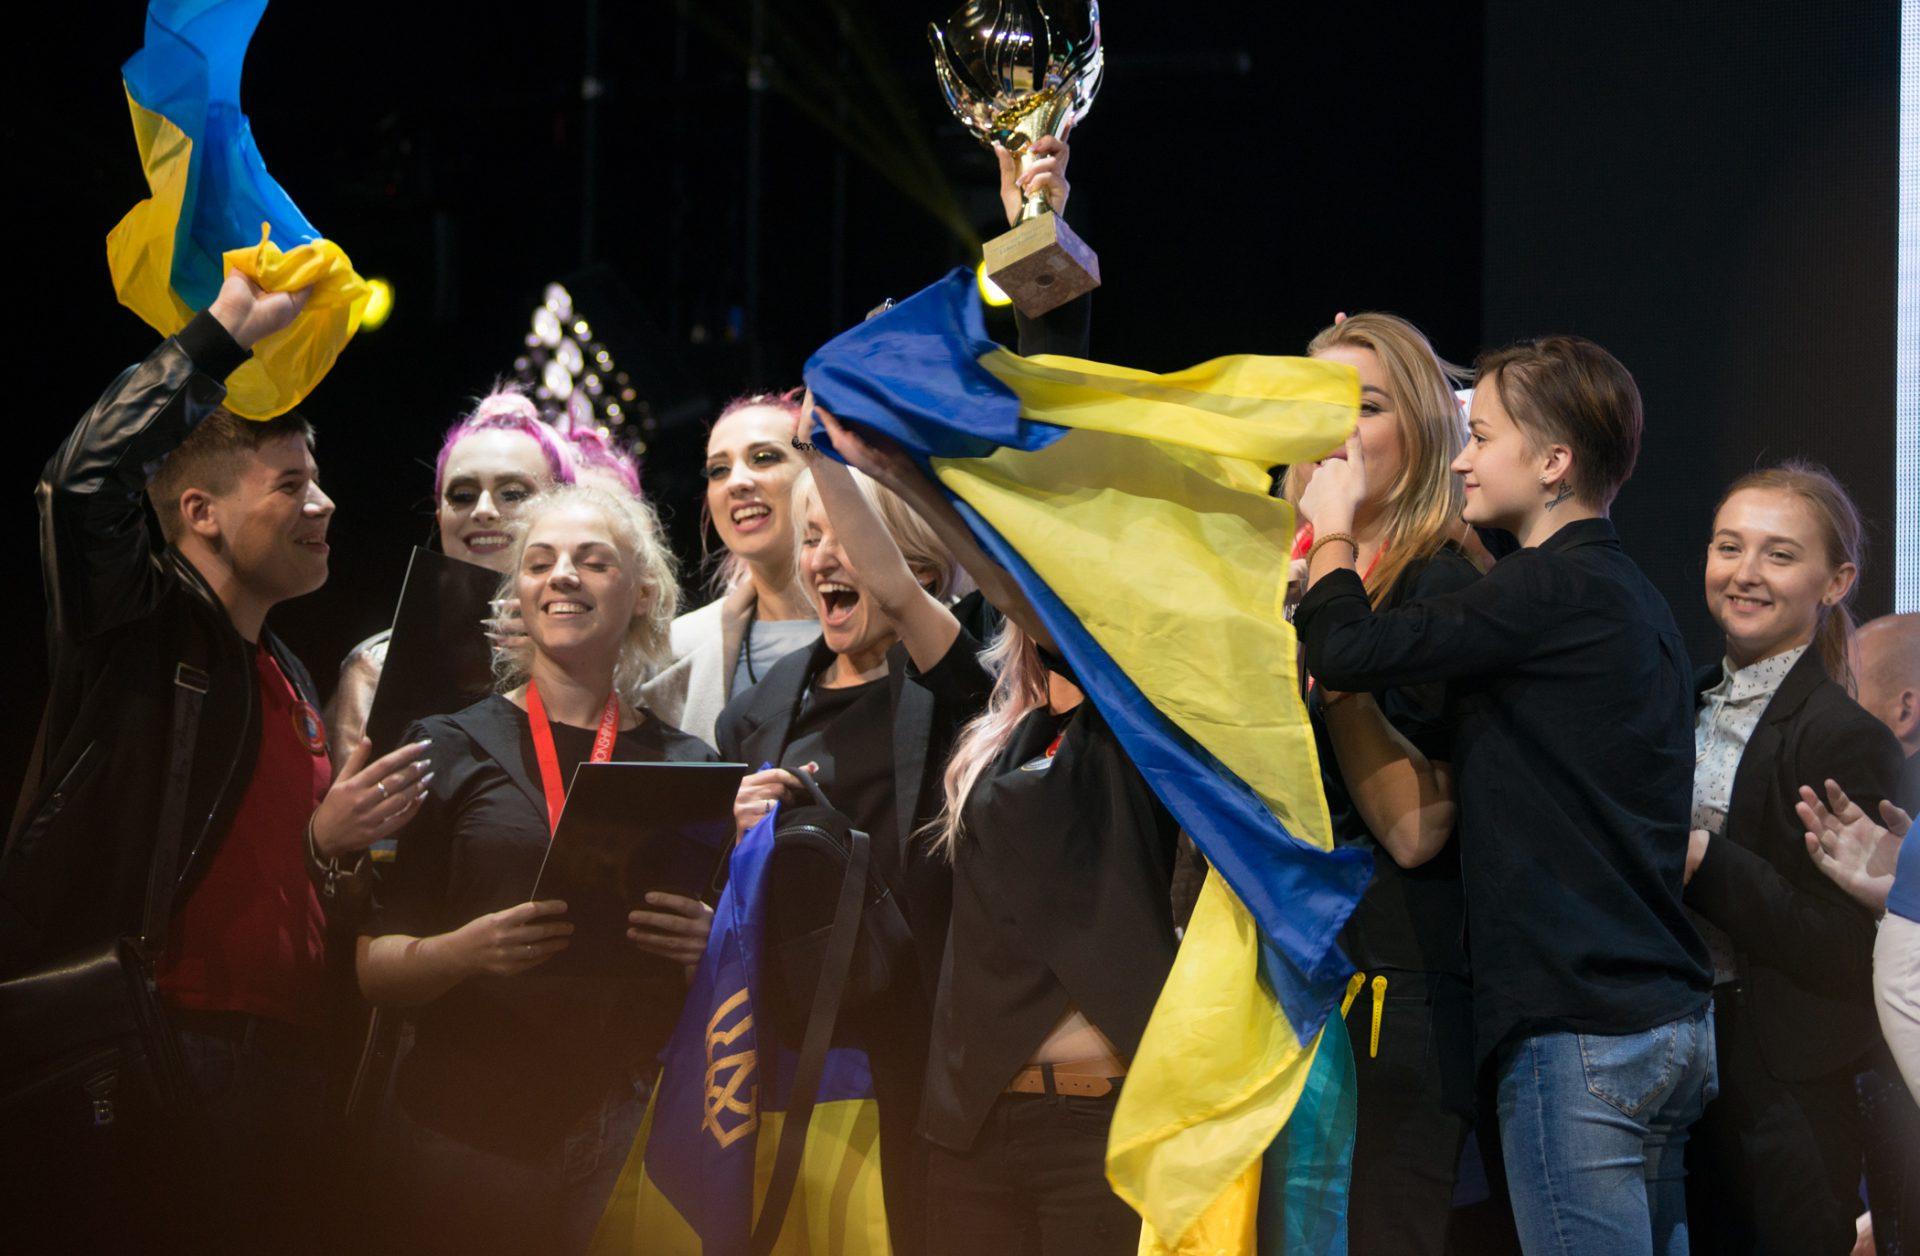 Поздравляем наших чемпионов-парикмахеров